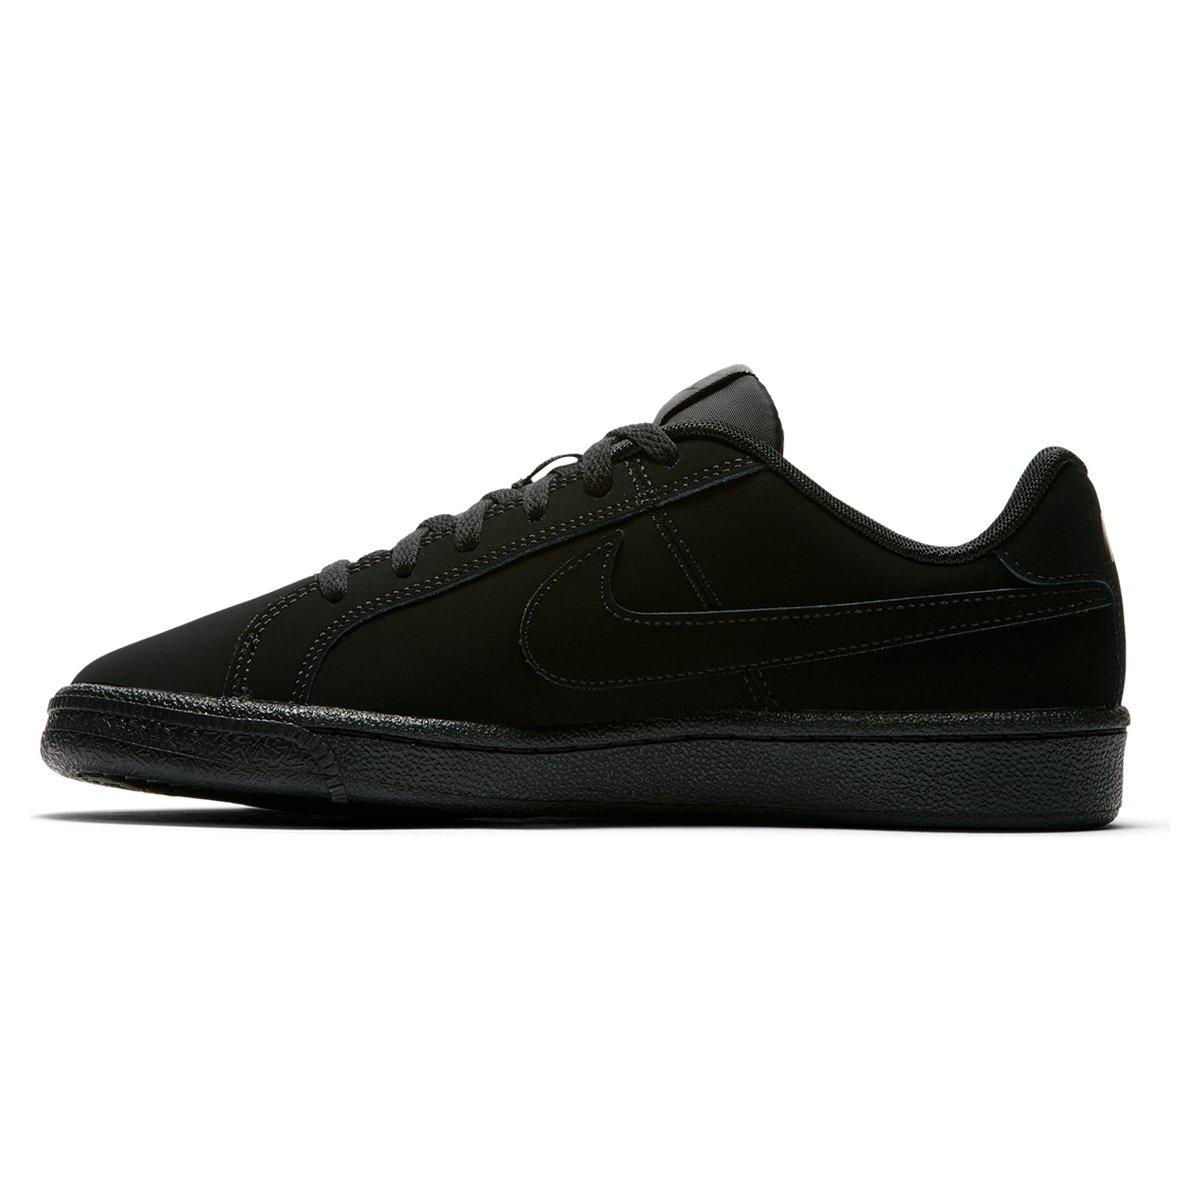 742bd4e79334f Tênis Infantil Couro Nike Court Royale Masculino | Livelo -Sua Vida com  Mais Recompensas